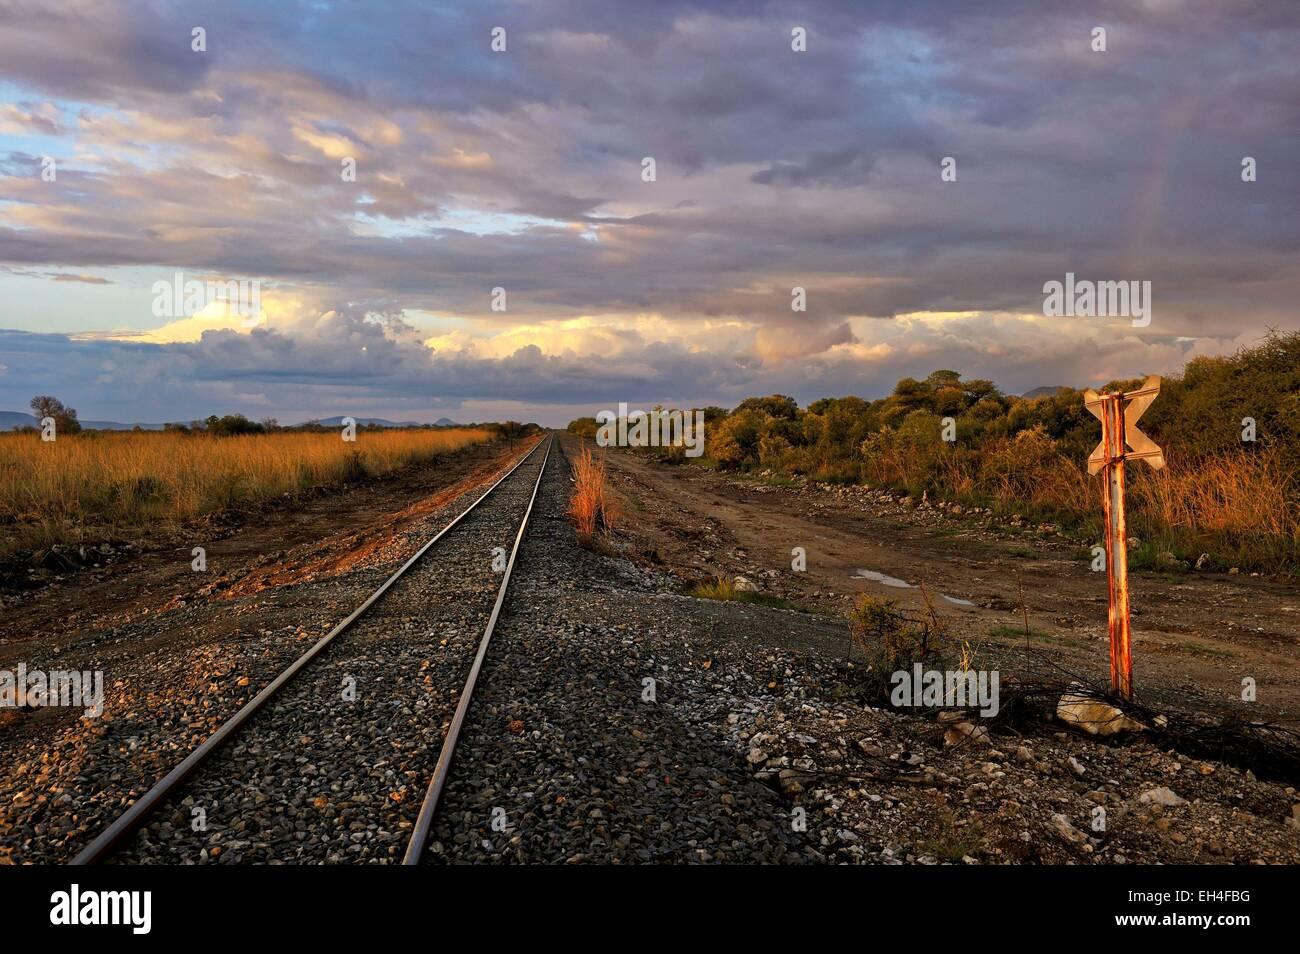 Namibia, Khomas region, near Windhoek, railway - Stock Image